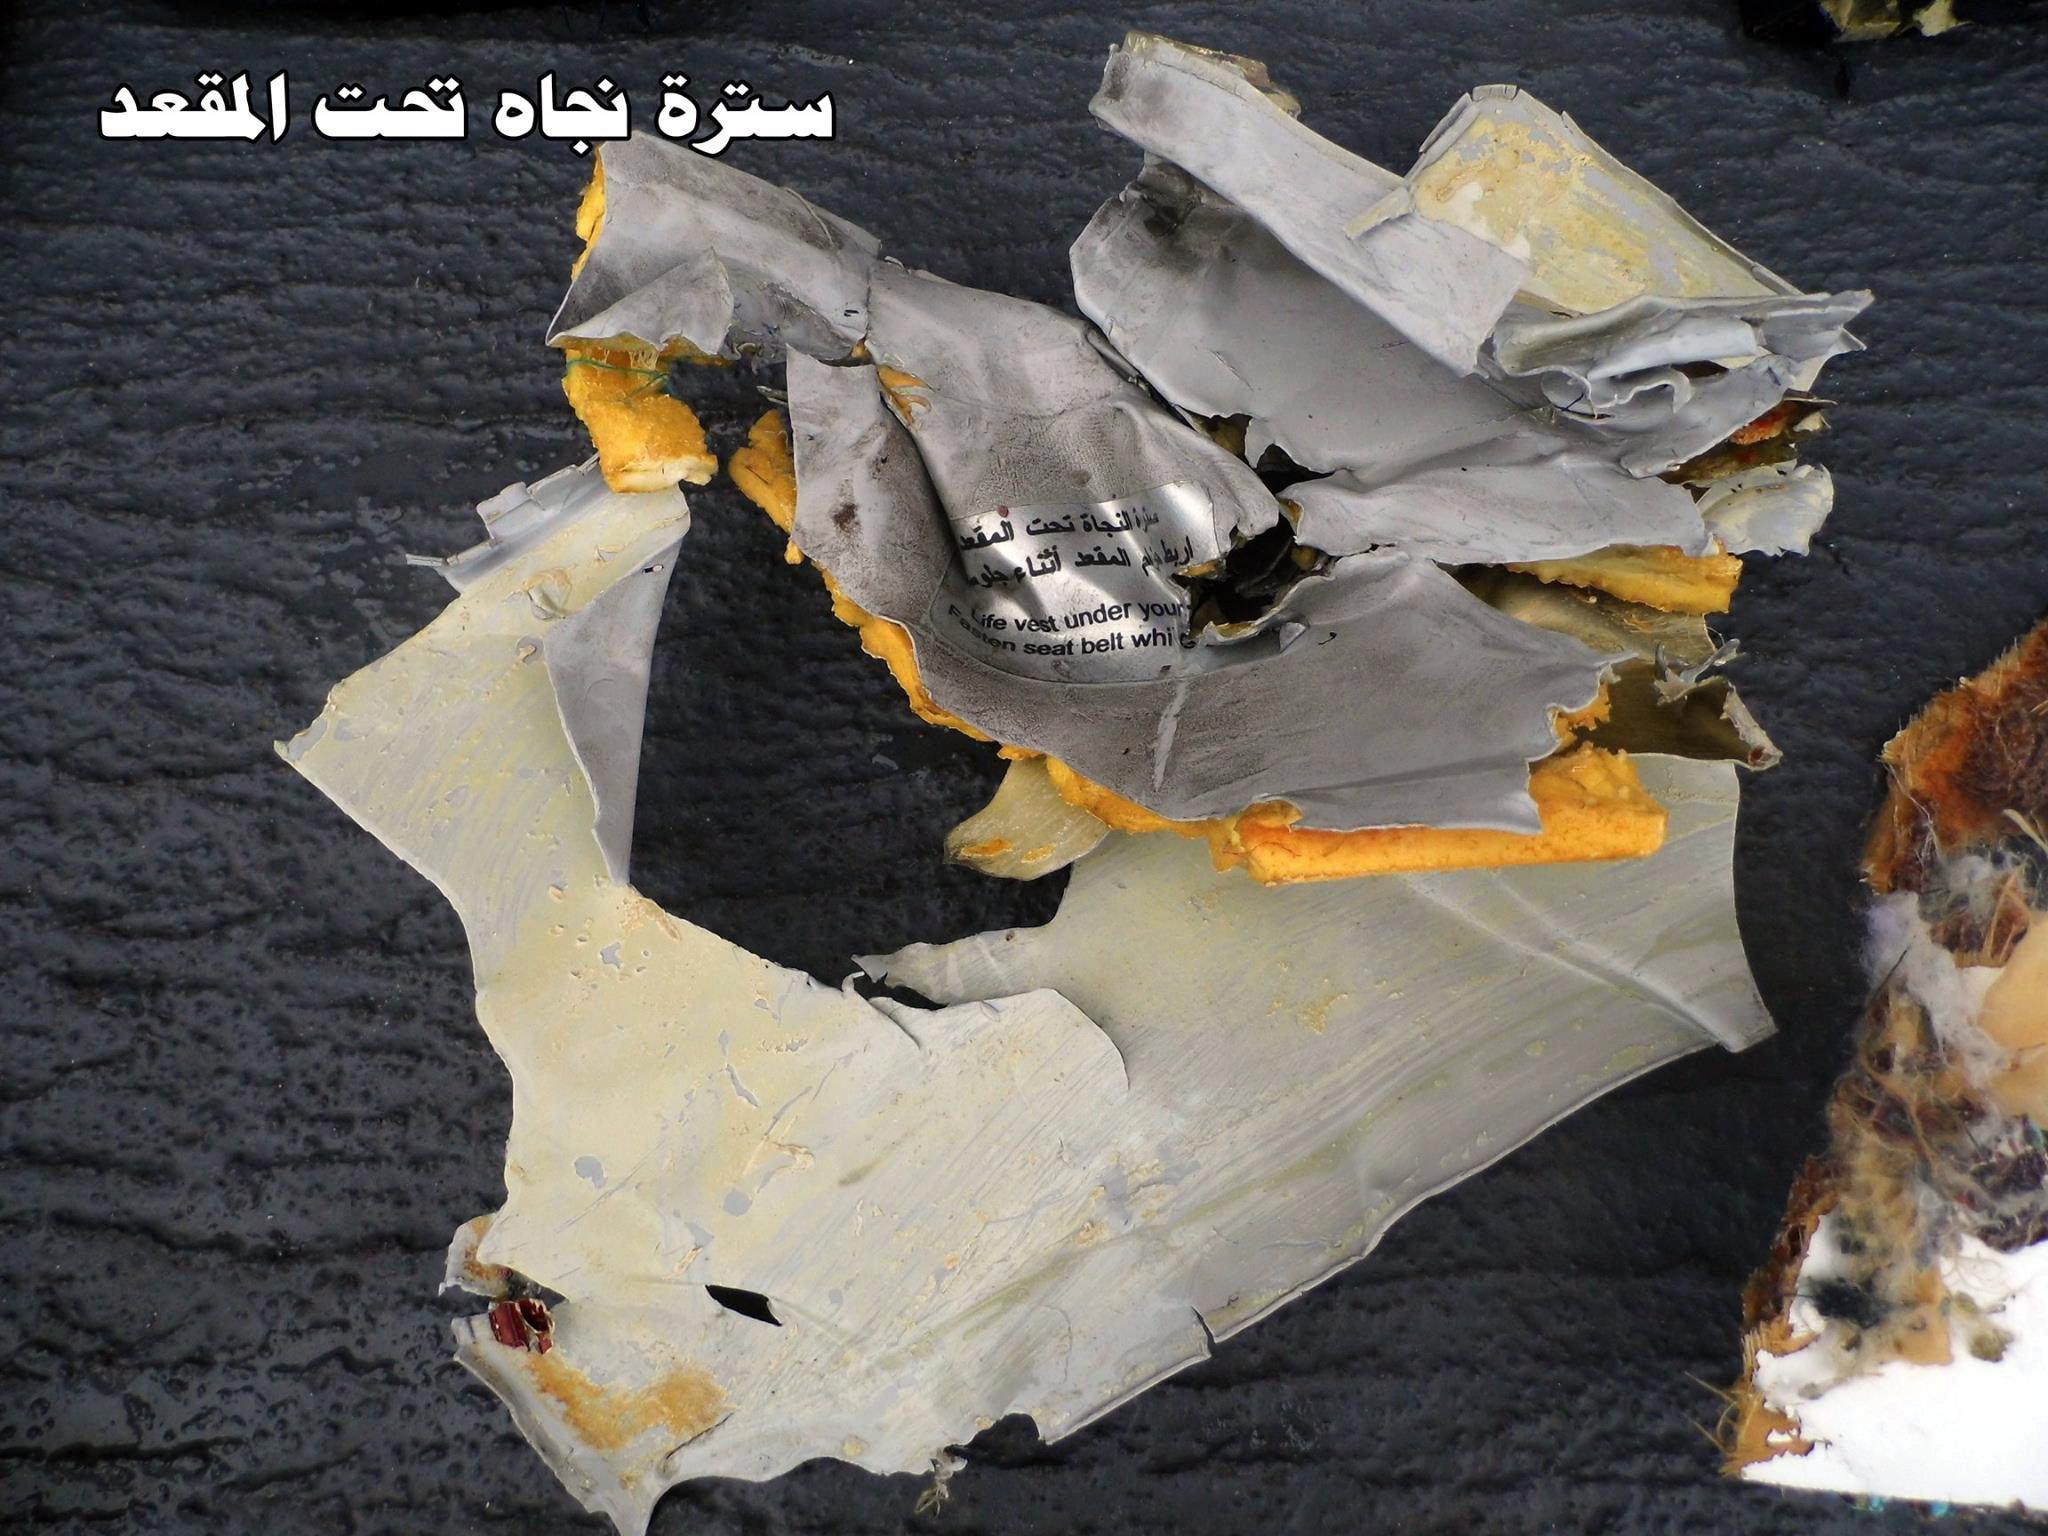 Eine Schwimmweste aus der Unglücksmaschine der Egyptair: Als Ursache für den Absturz kommen einen Terroranschlag und ein Kabelbrand infrage.